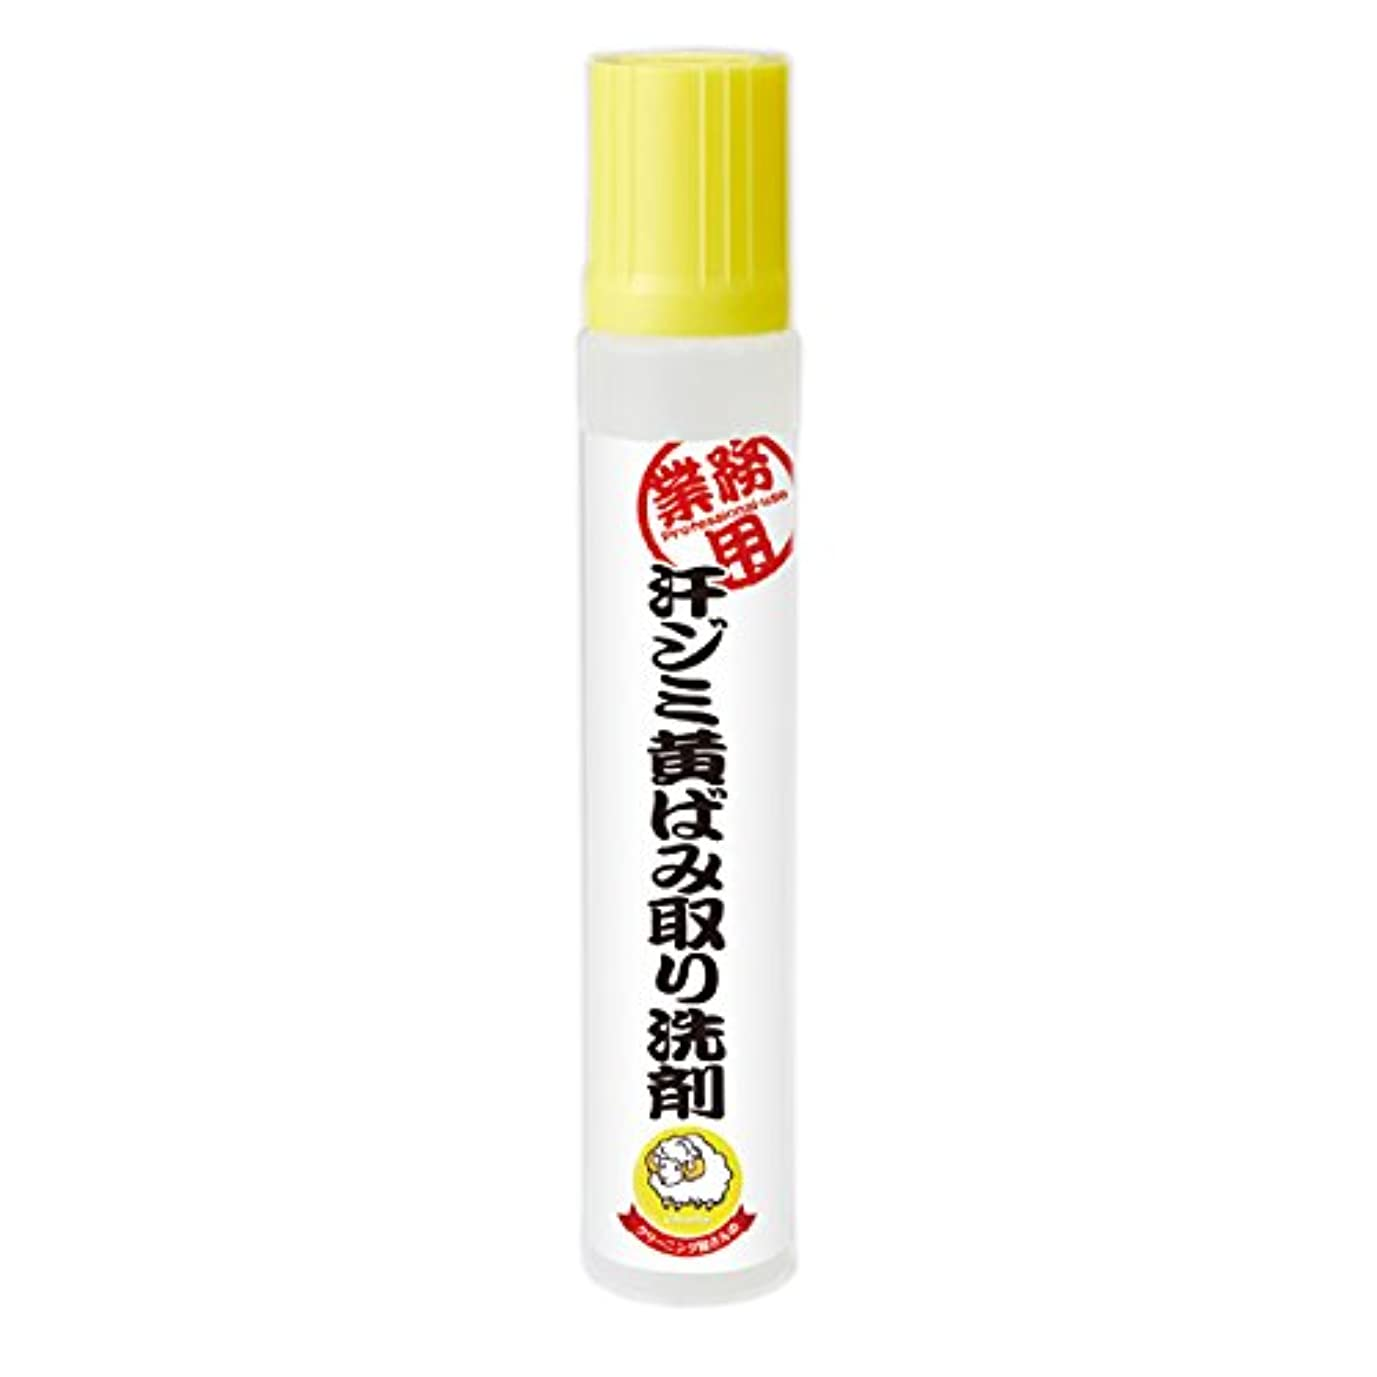 区画ゲートウェイ集まるアイメディア 汗ジミ黄ばみ取り洗剤 70ml